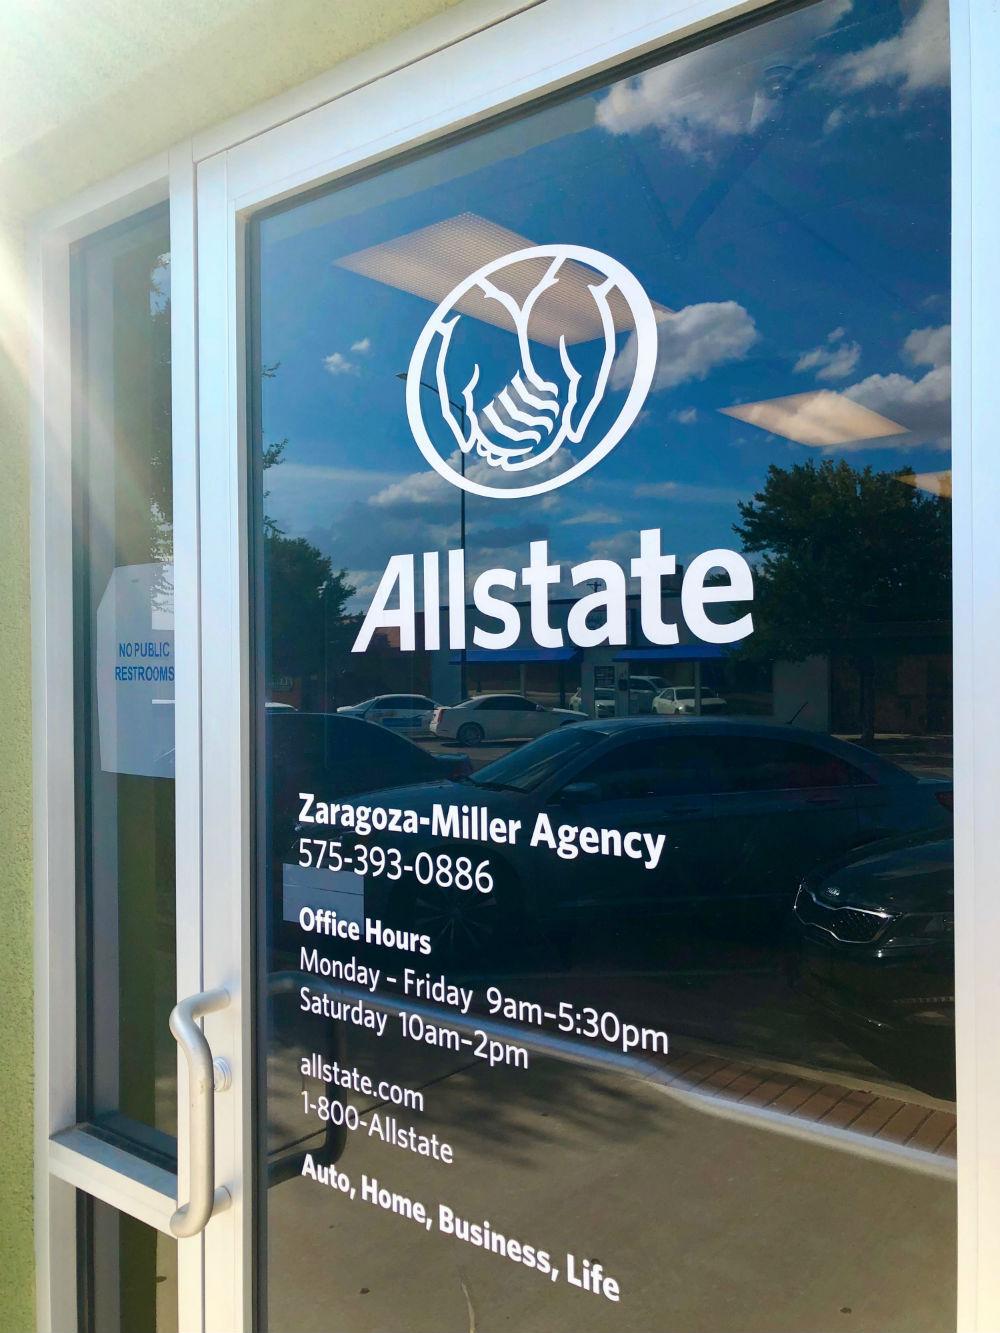 JoAnn Zaragoza Miller: Allstate Insurance image 25